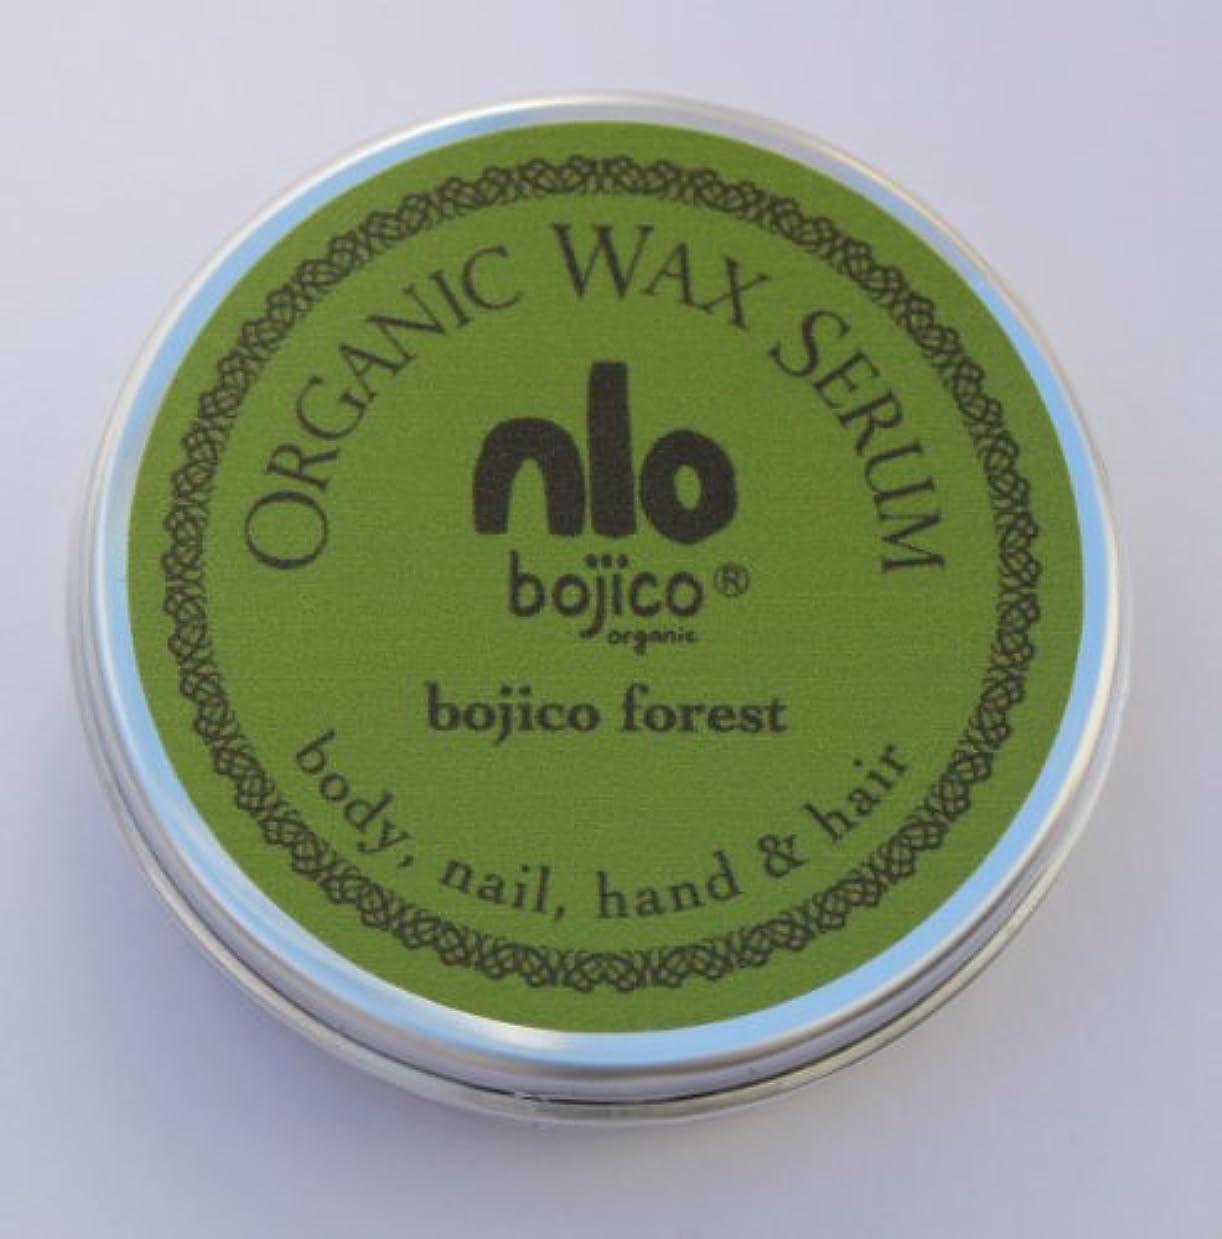 誇り幻影に向けて出発bojico オーガニック ワックス セラム<フォレスト> Organic Wax Serum 18g